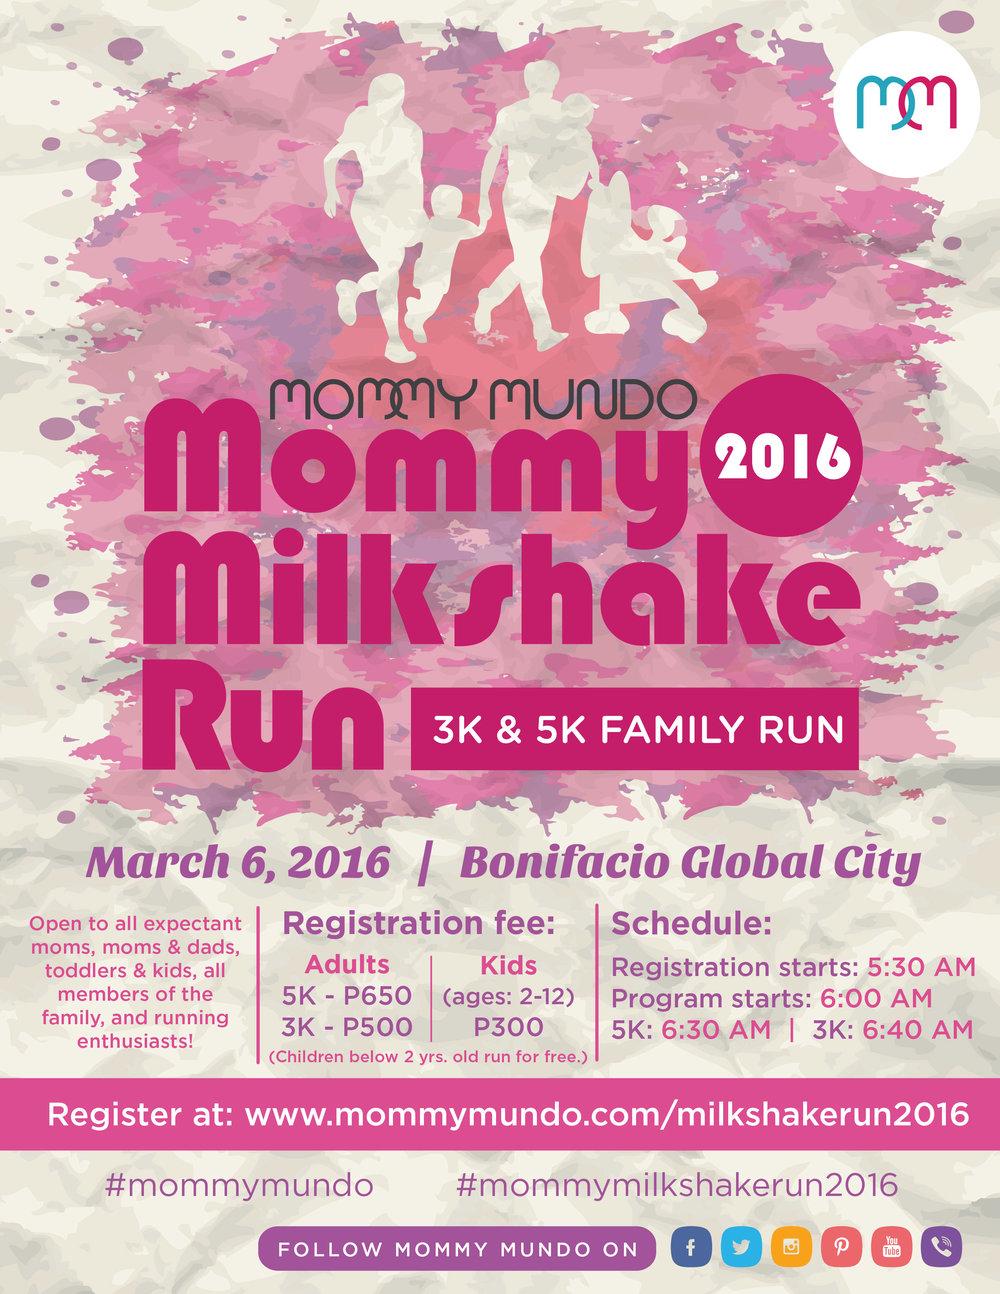 Milkshake-Run-Poster-1-21.jpg